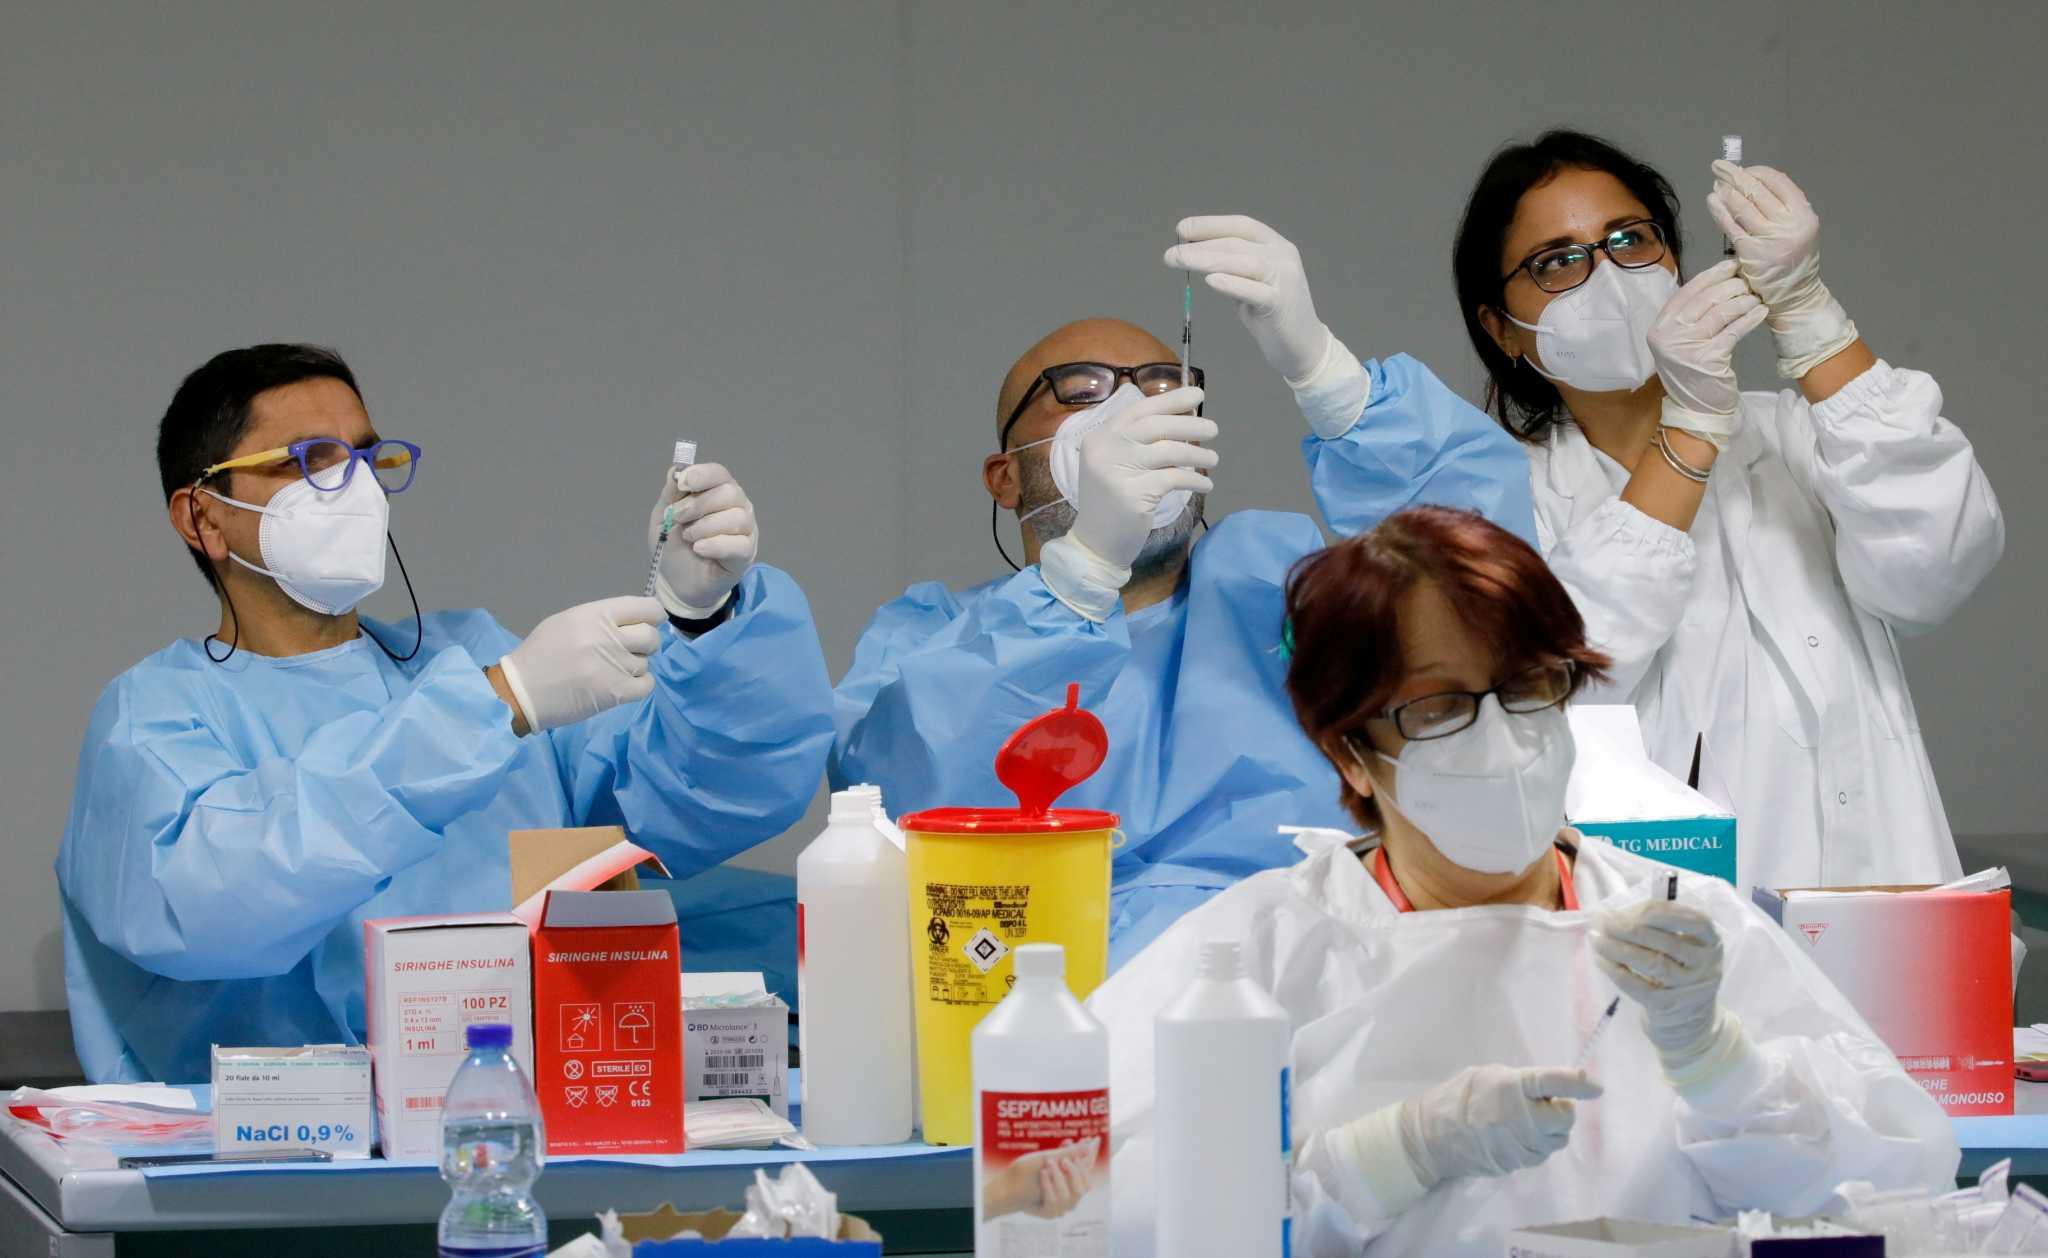 Βέλγιο: Αυξάνονται οι υποστηρικτές του υποχρεωτικού εμβολιασμού για τον κορονοϊό